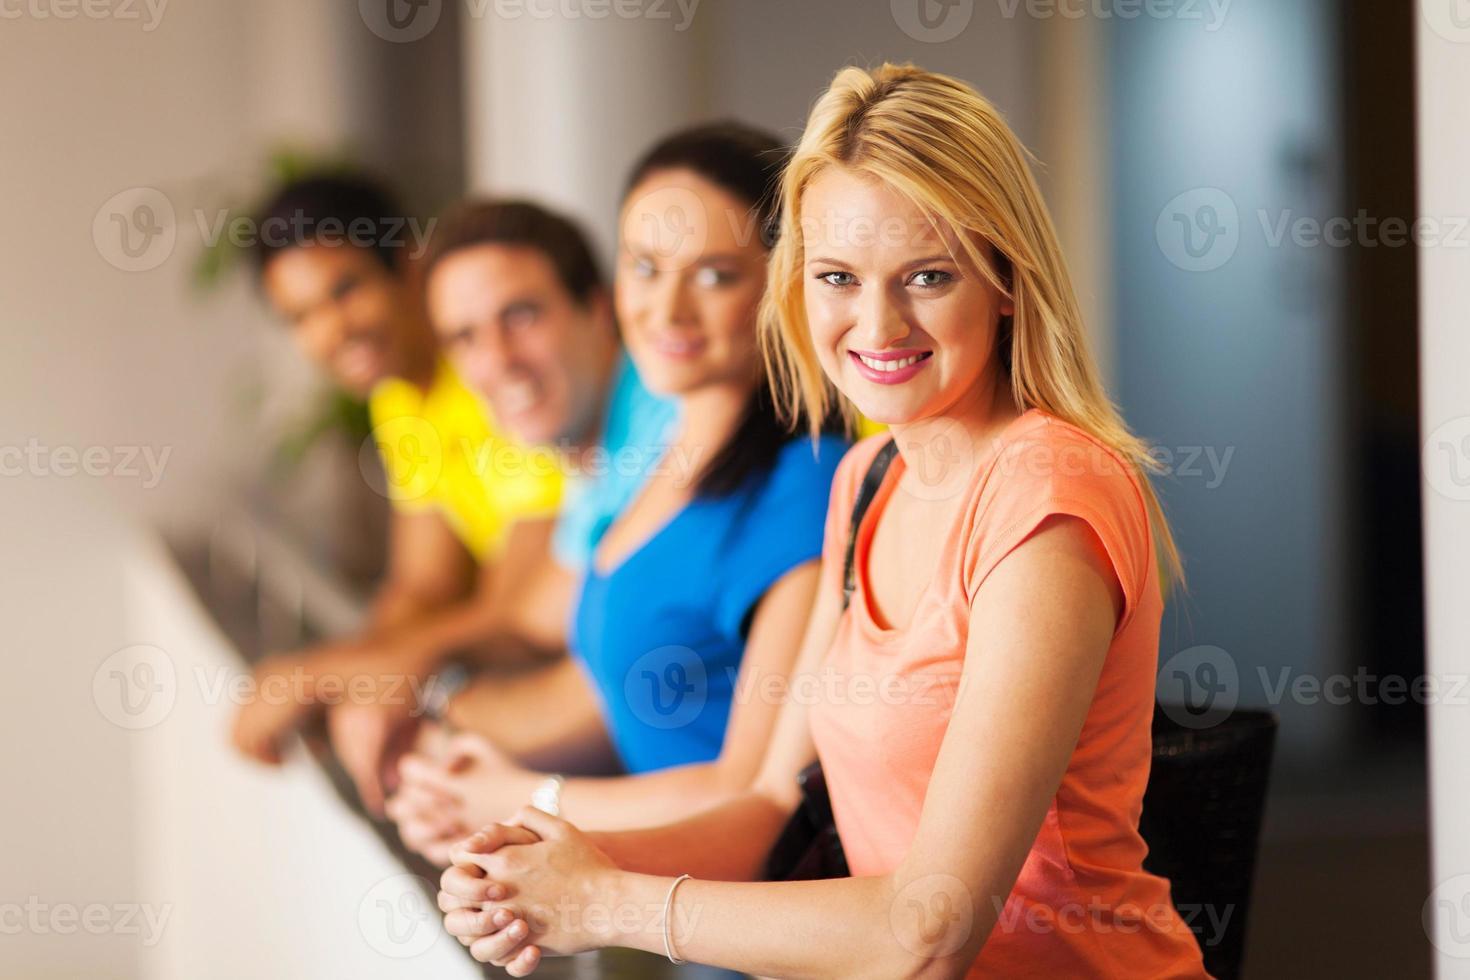 studentessa universitaria con amici foto